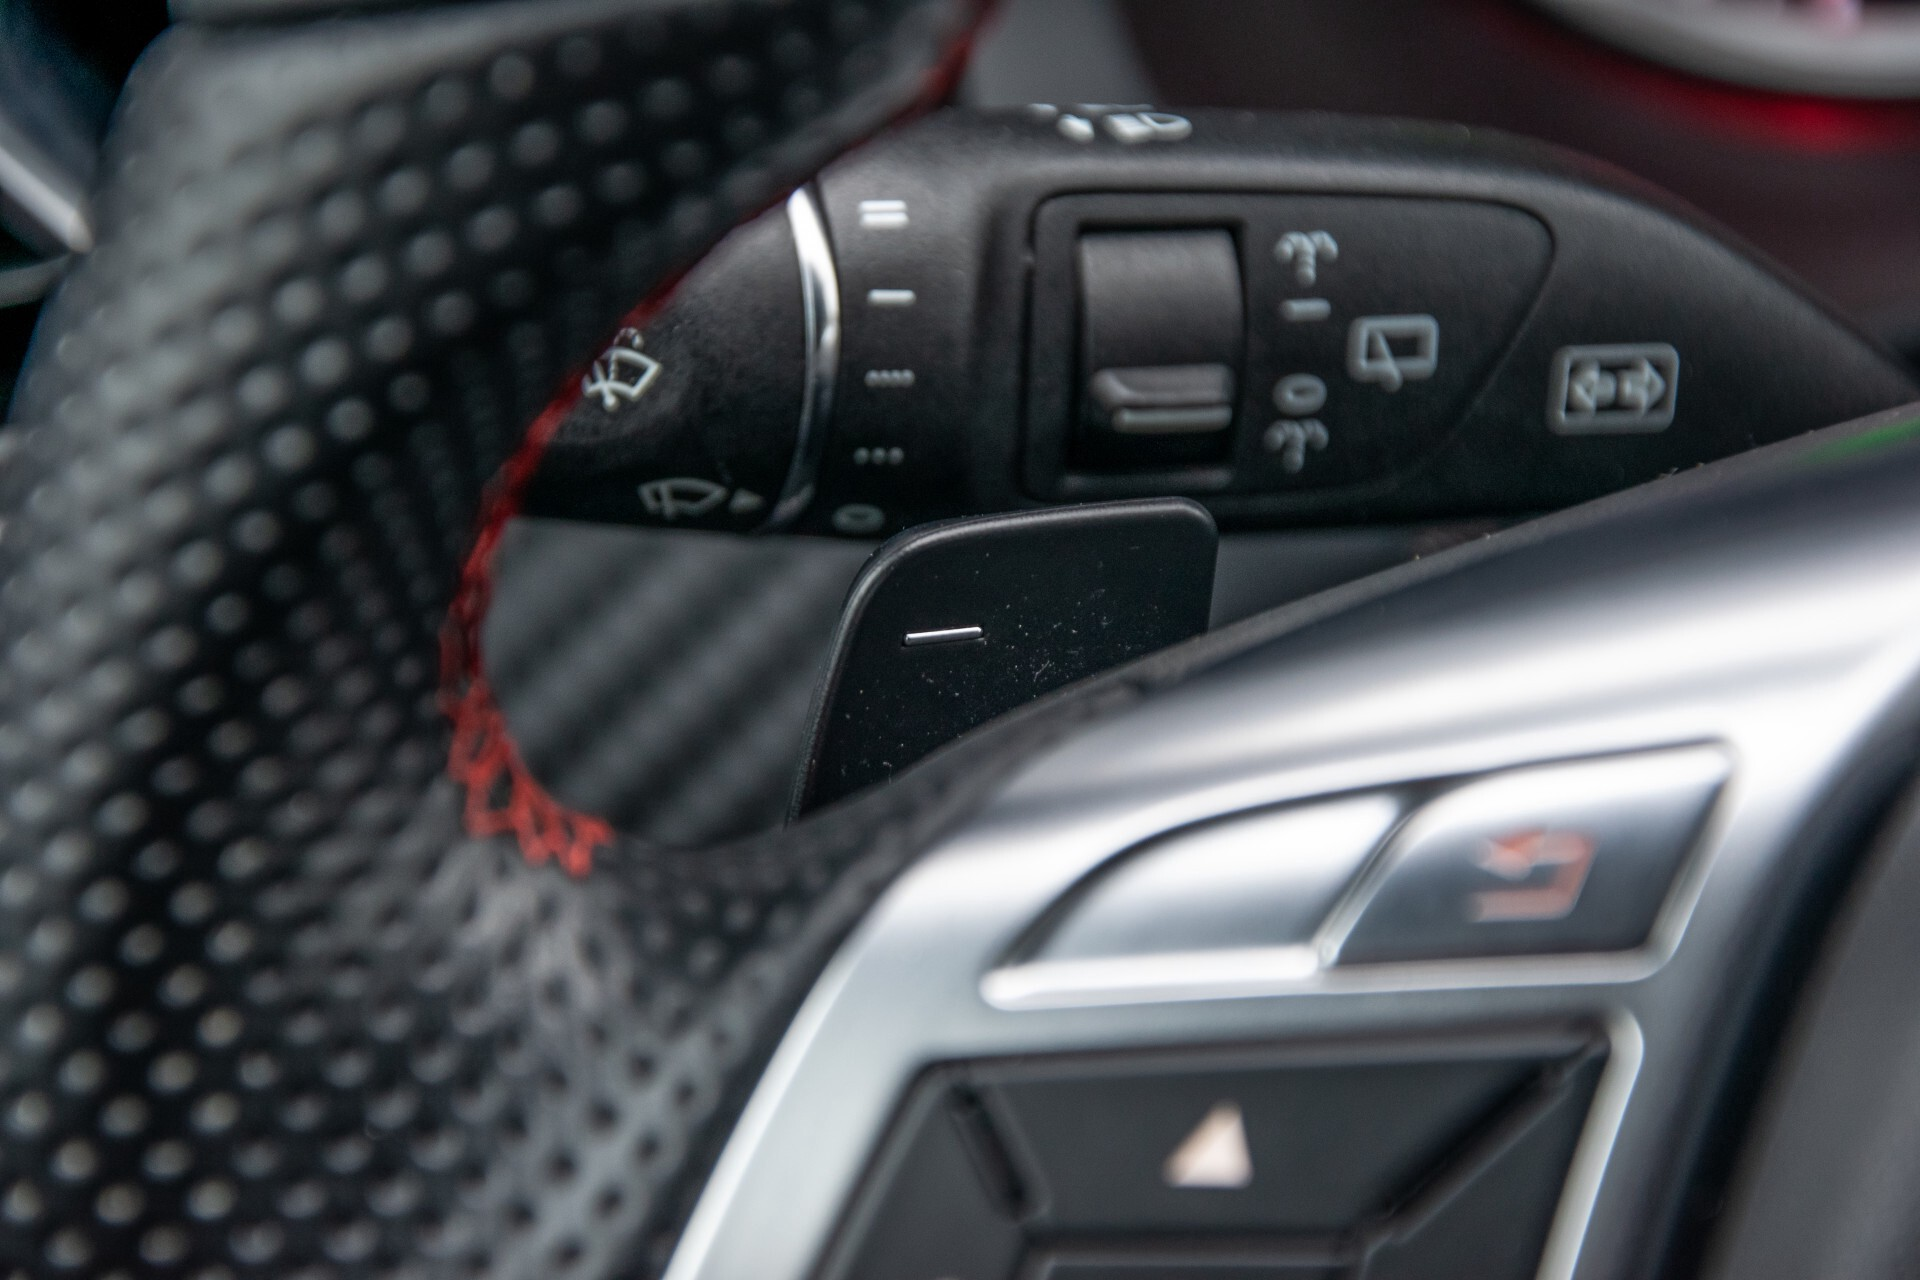 Mercedes-Benz A-Klasse 180 AMG Dynamic Handling/Camera/Xenon/Navi/Privacy Aut7 Foto 11